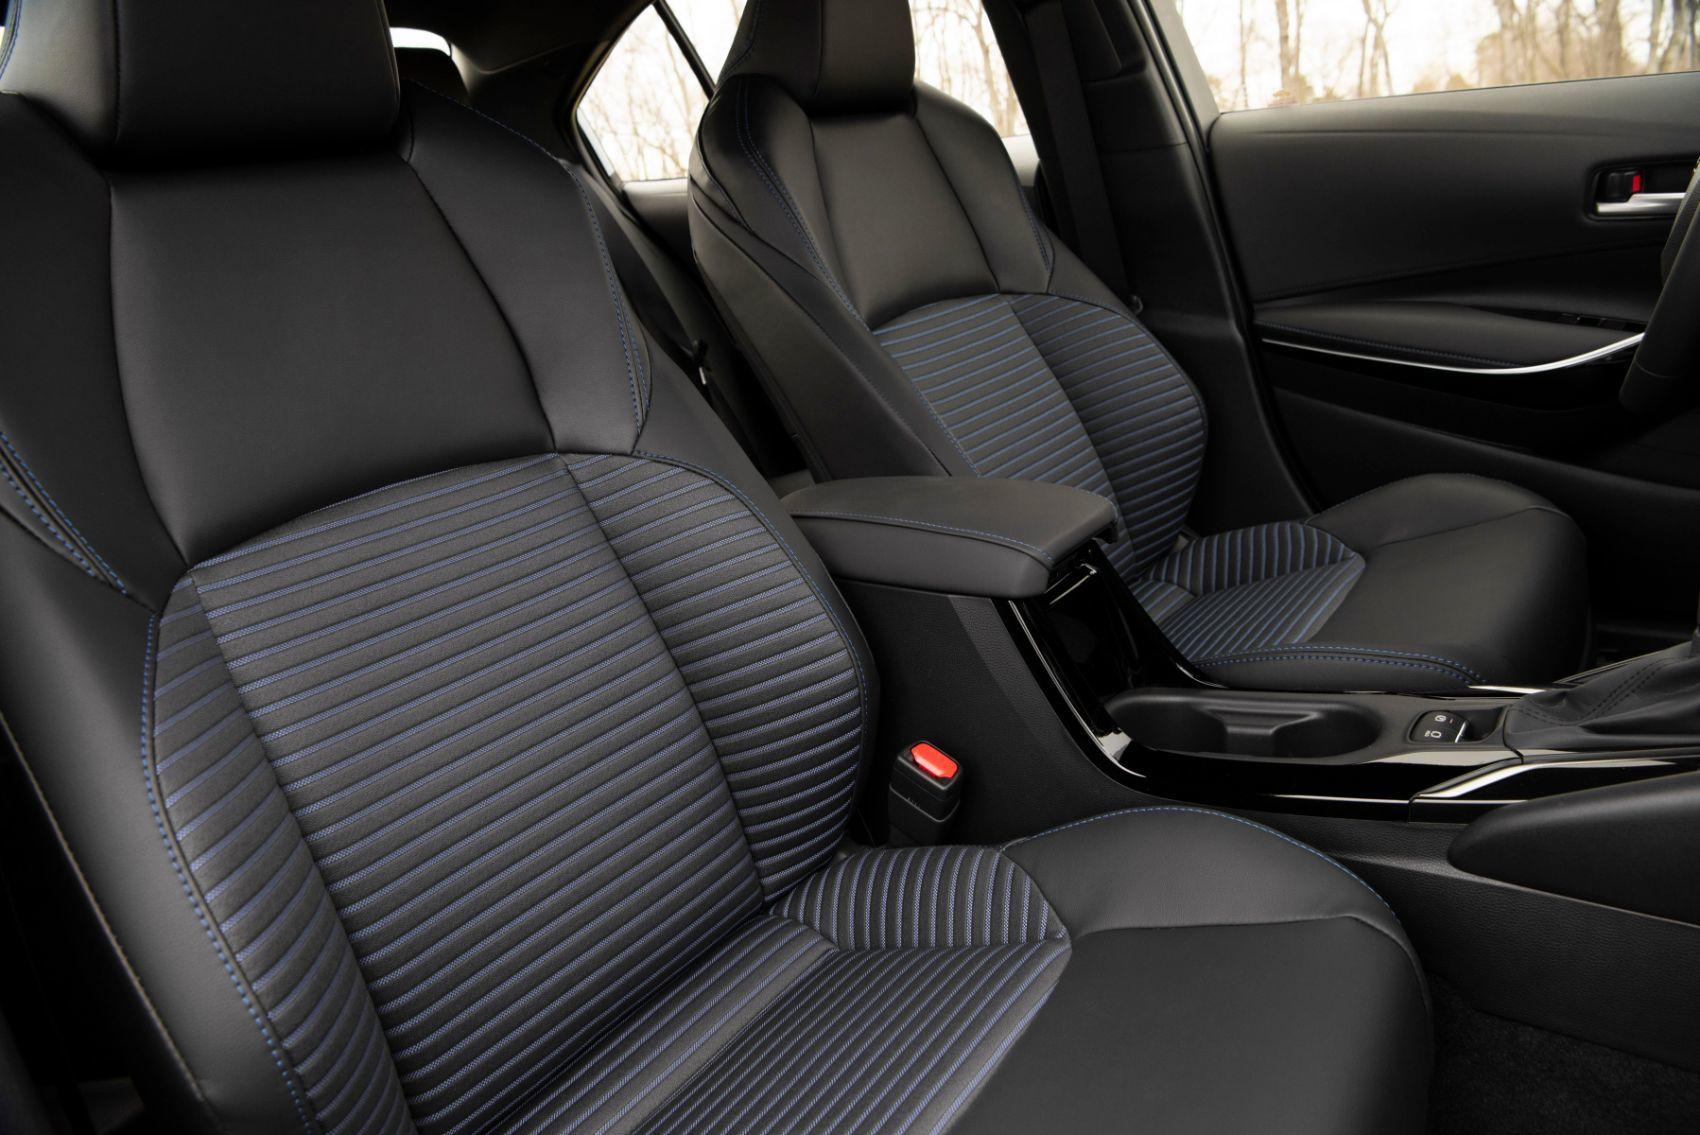 2020 Corolla XSE Celestite 079 6DCC31115799F1F6C59F489BBCE14860A1D6AD35